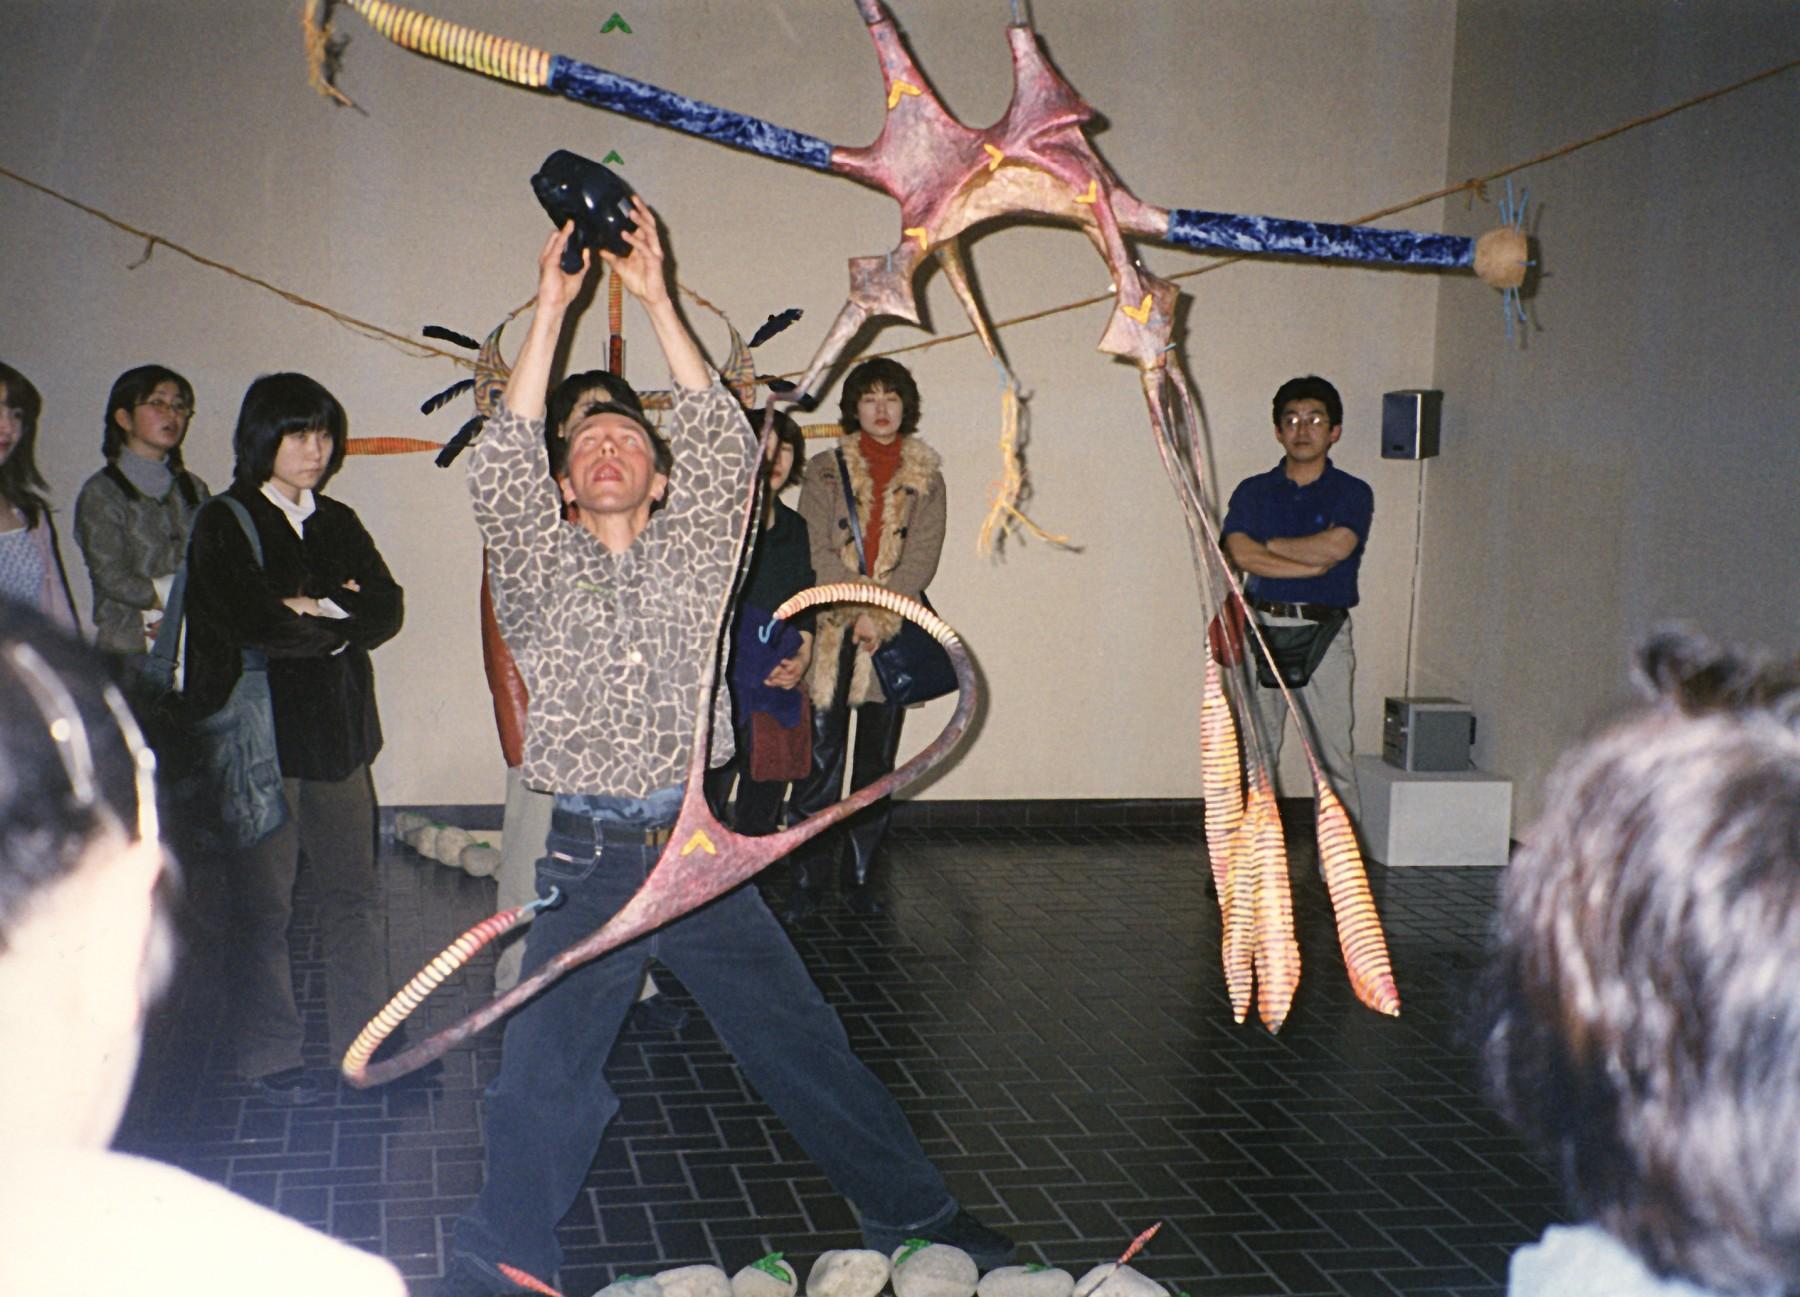 帰国後、ポーランドの若い作家を招いて展覧会を開催(2000年)。